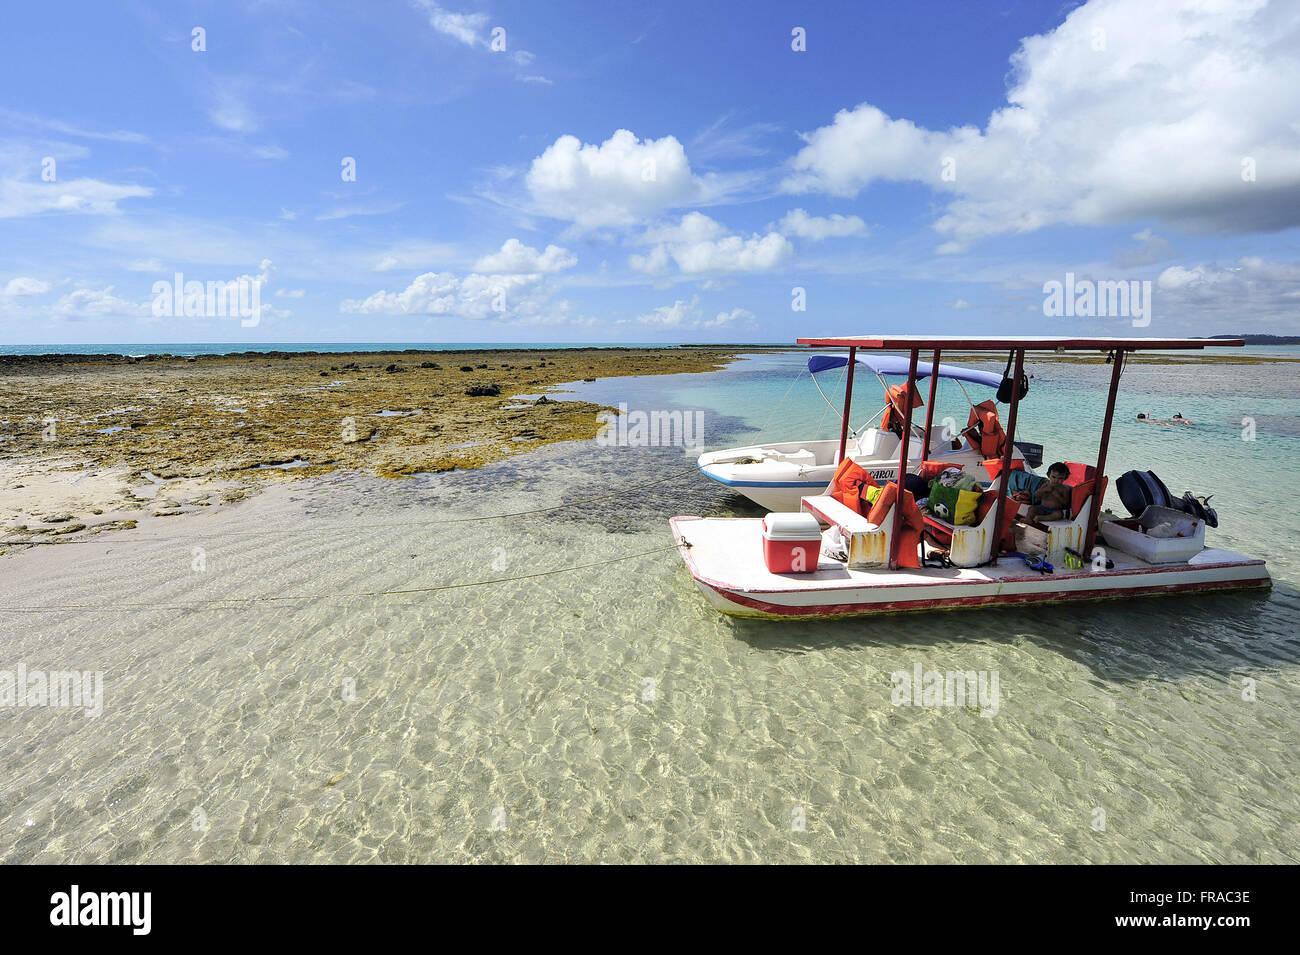 Barco de passeio na Praia de Japaratinga - Stock Image